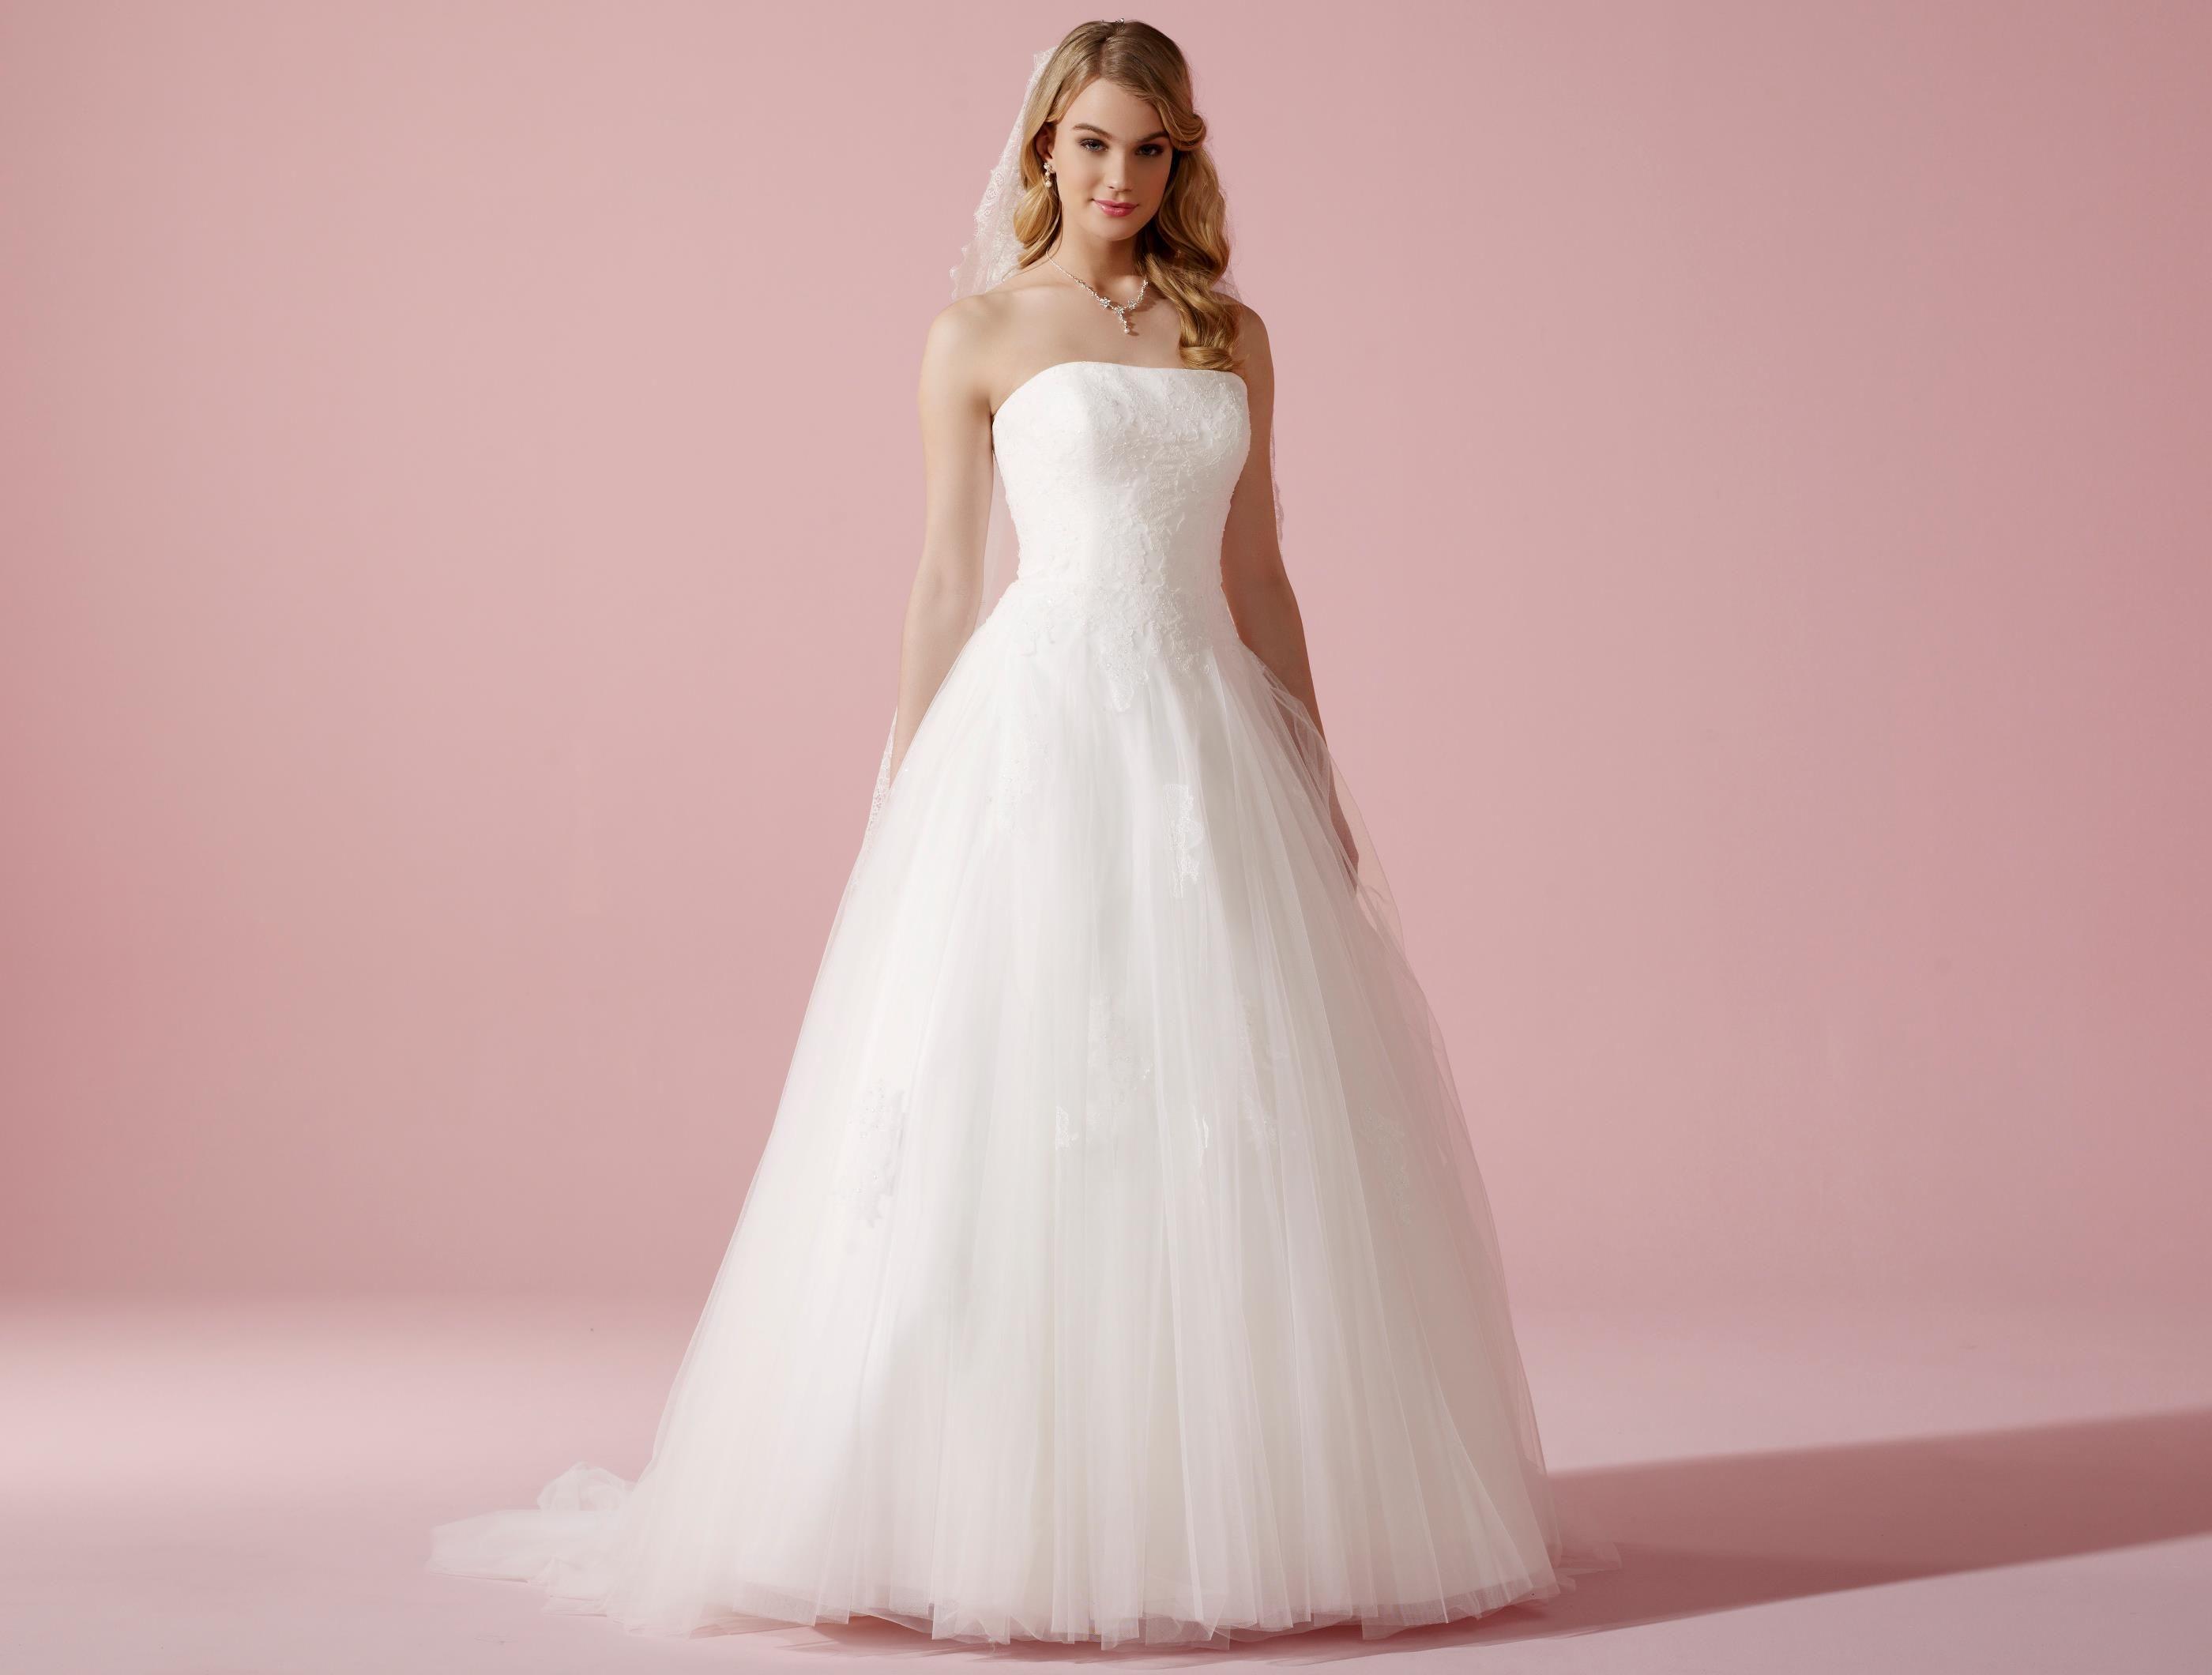 ba58ef97afe7 Brudklänning, Lilly.nu 08-3625-CR | Bröllop | Bröllop ...